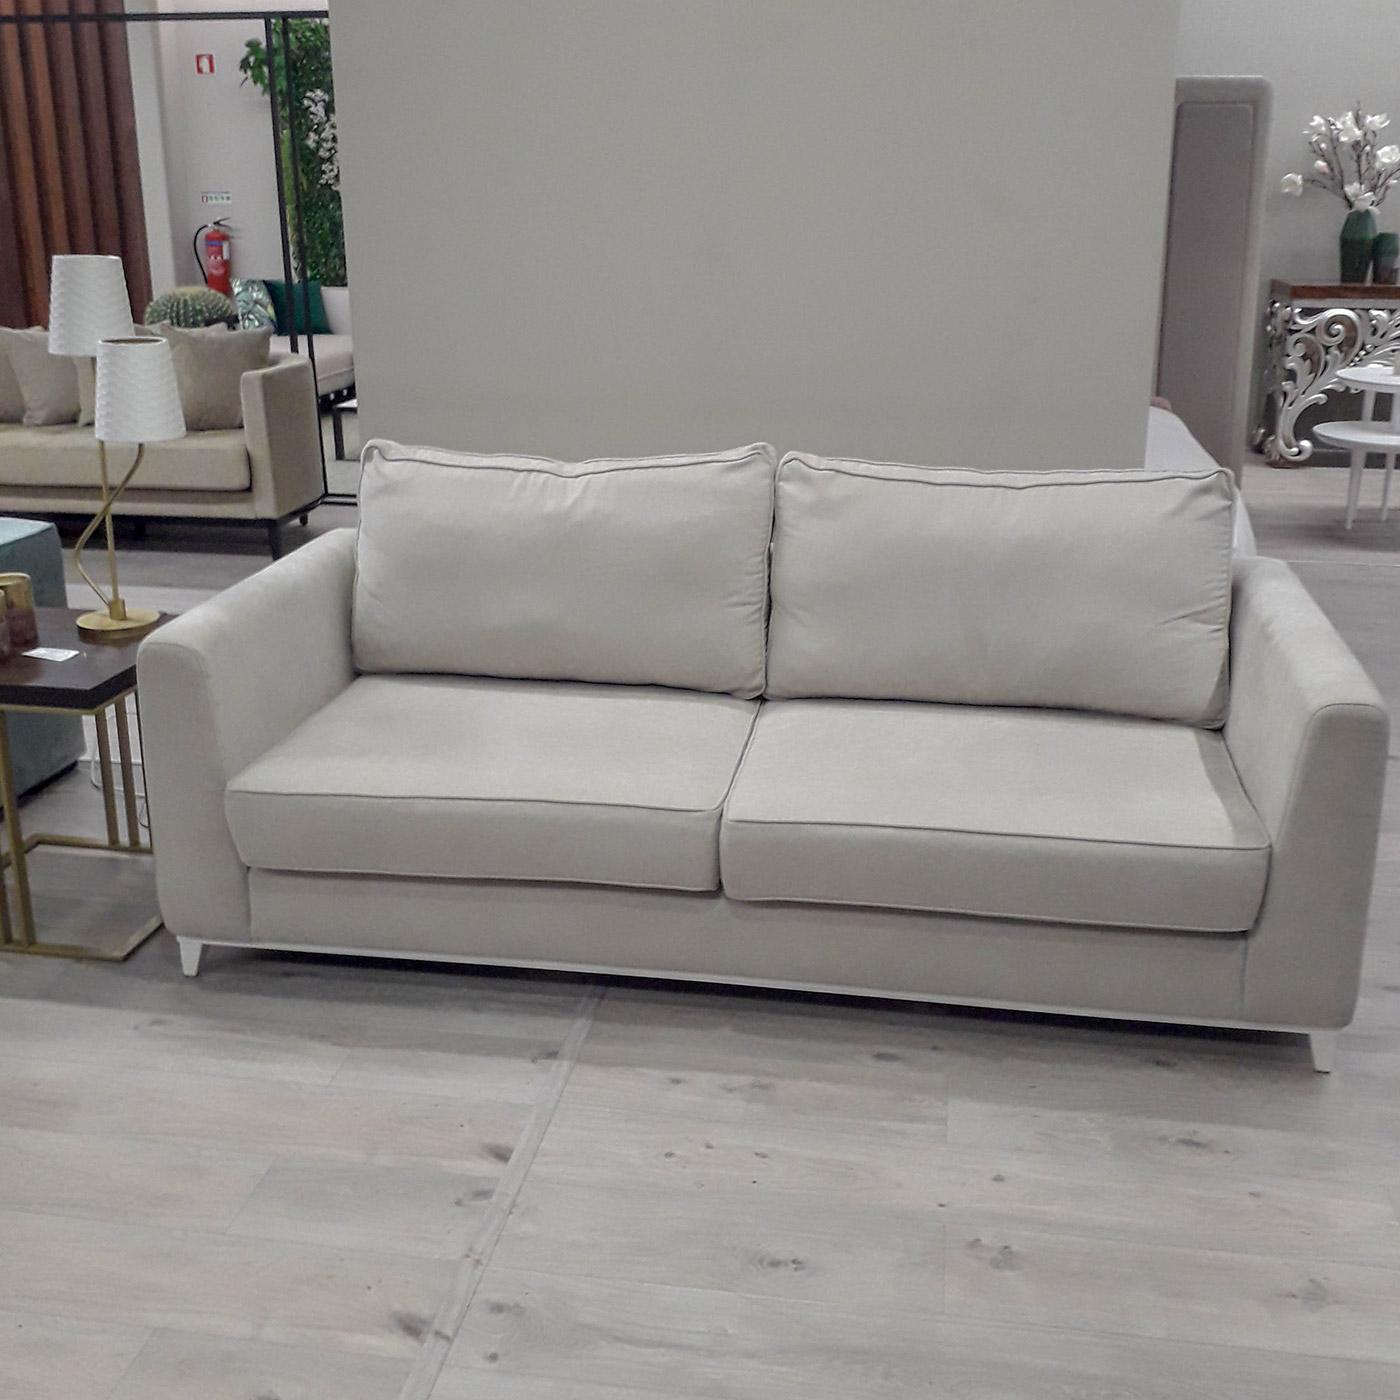 sofa-london-chaise-domkapa-liquidação-total